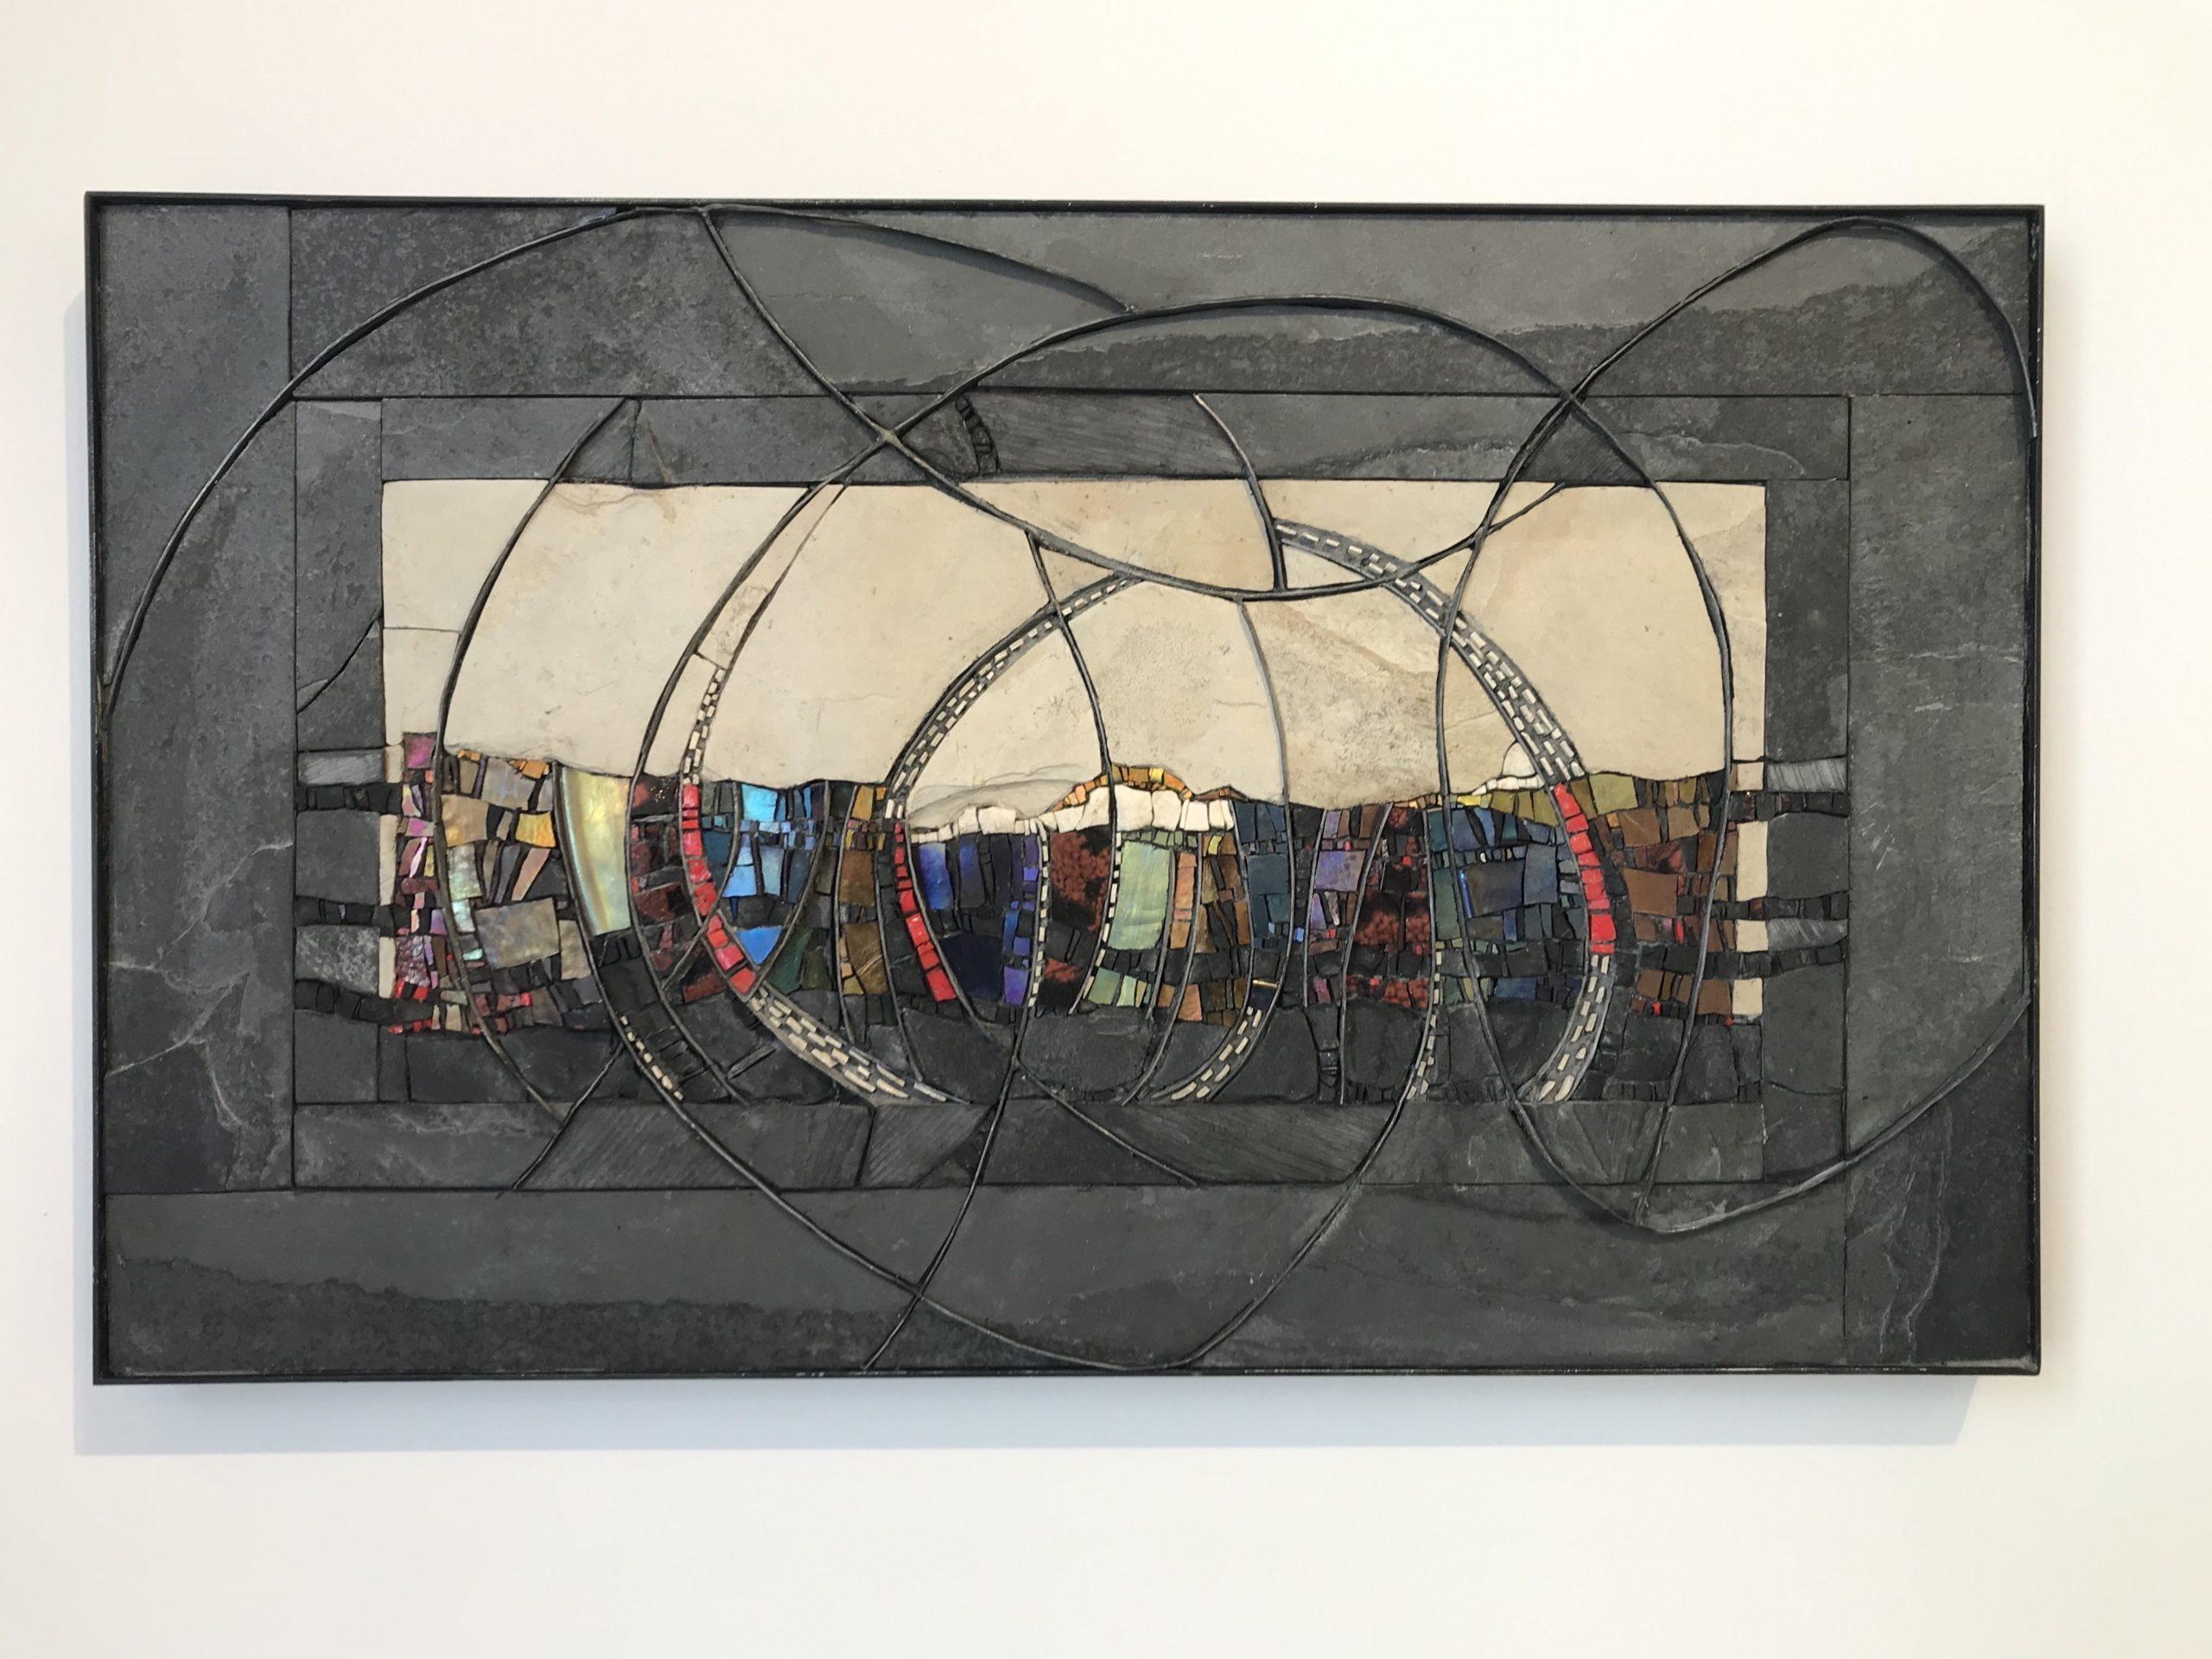 Casey Van Loon, Nico's Blanket, 2020